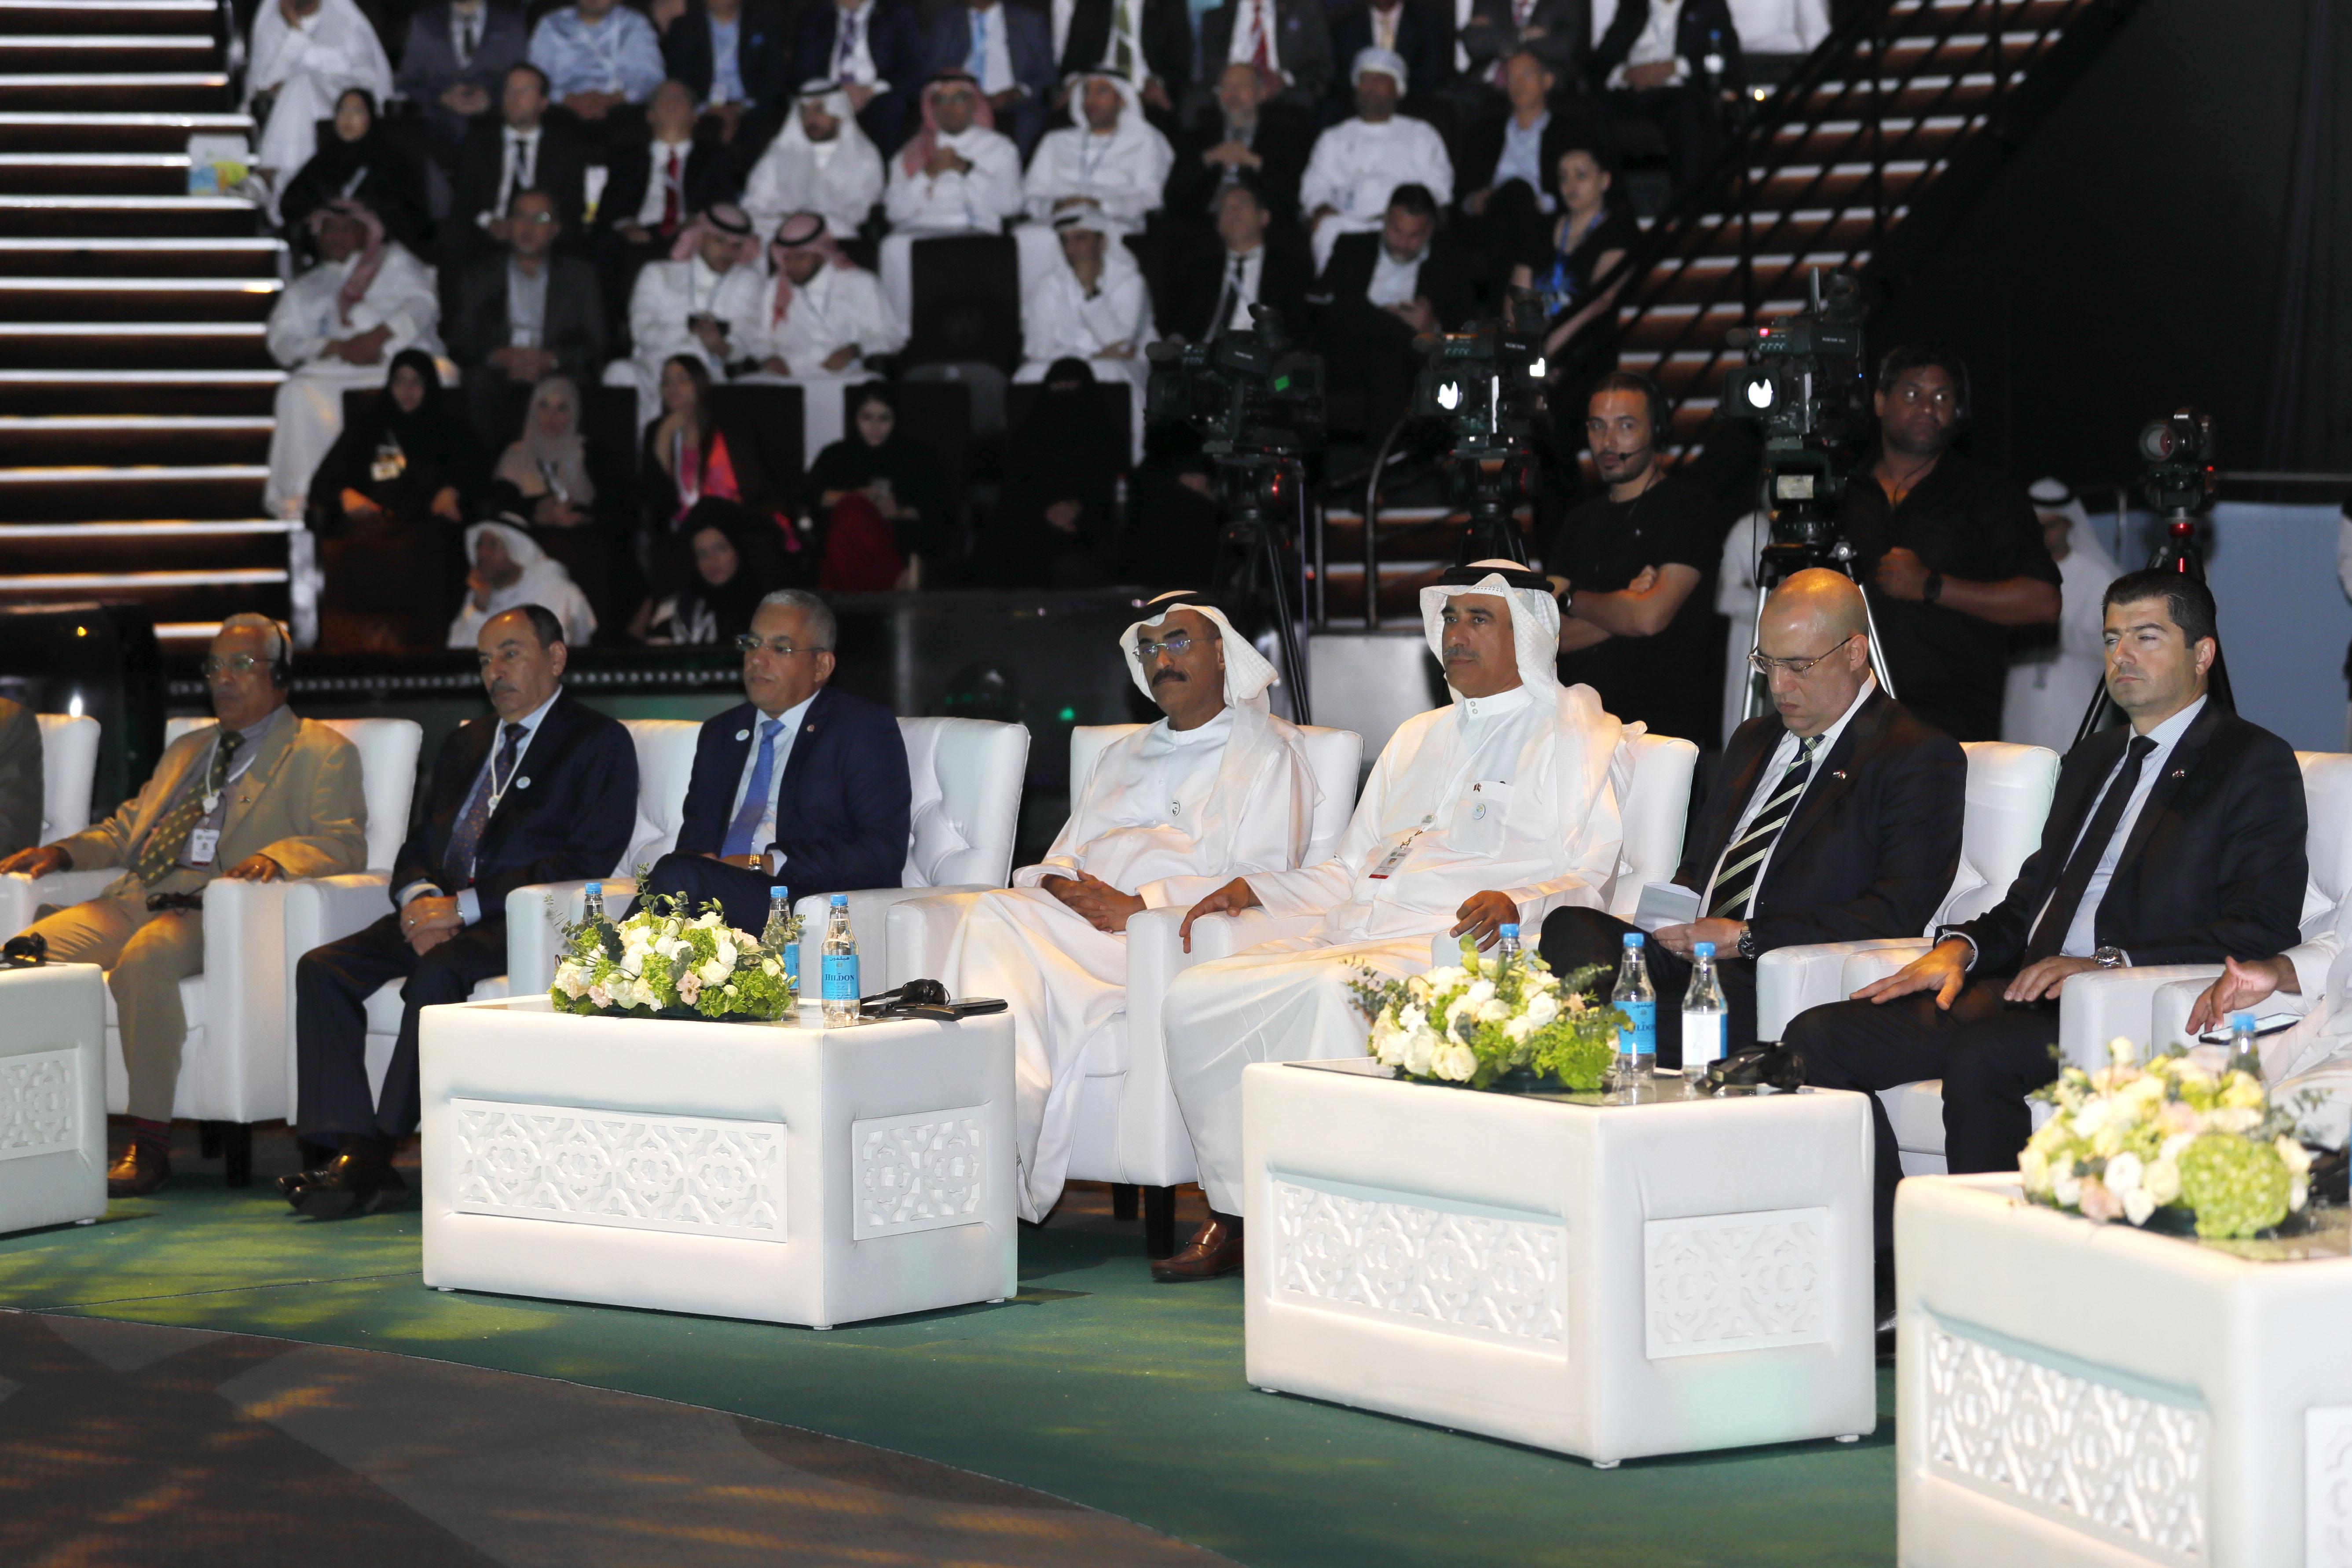 برعاية محمد بن راشد..انطلاق المنتدى الوزاري العربي للإسكان والتنمية الحضرية في دبي